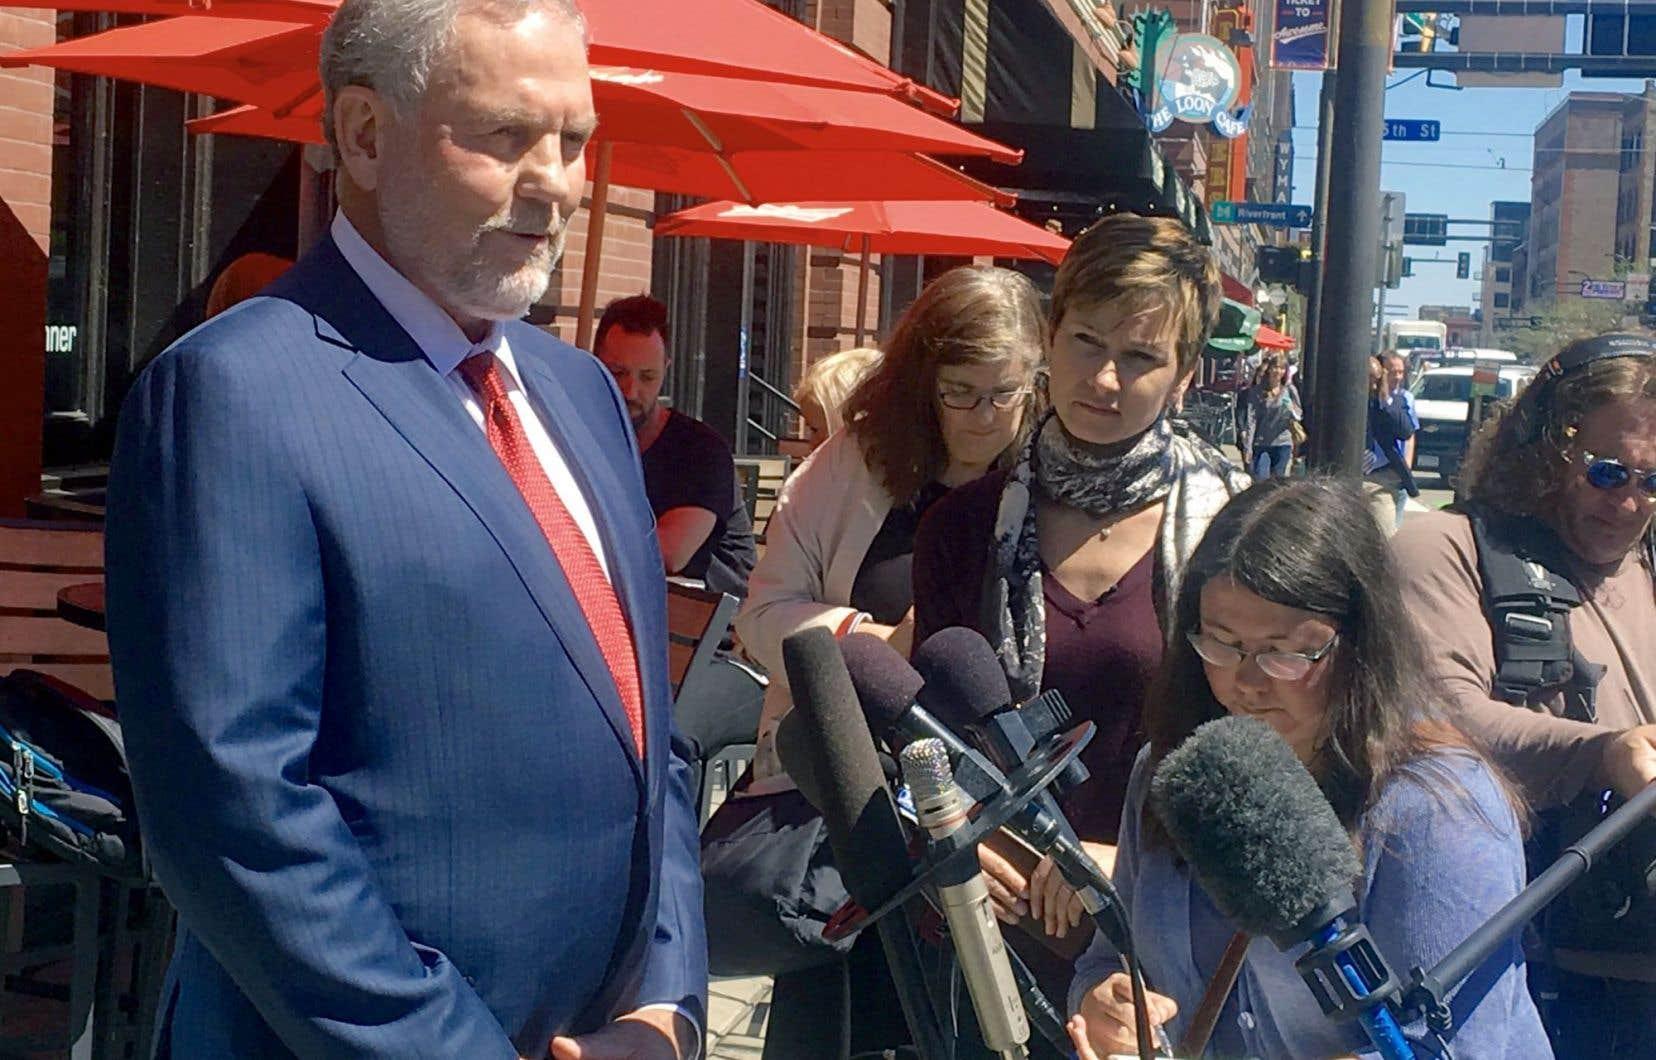 L'avocat de Prince, William Mauzy, a répondu aux questions des journalistes mercredi, à son arrivée à son bureau de Minneapolis.